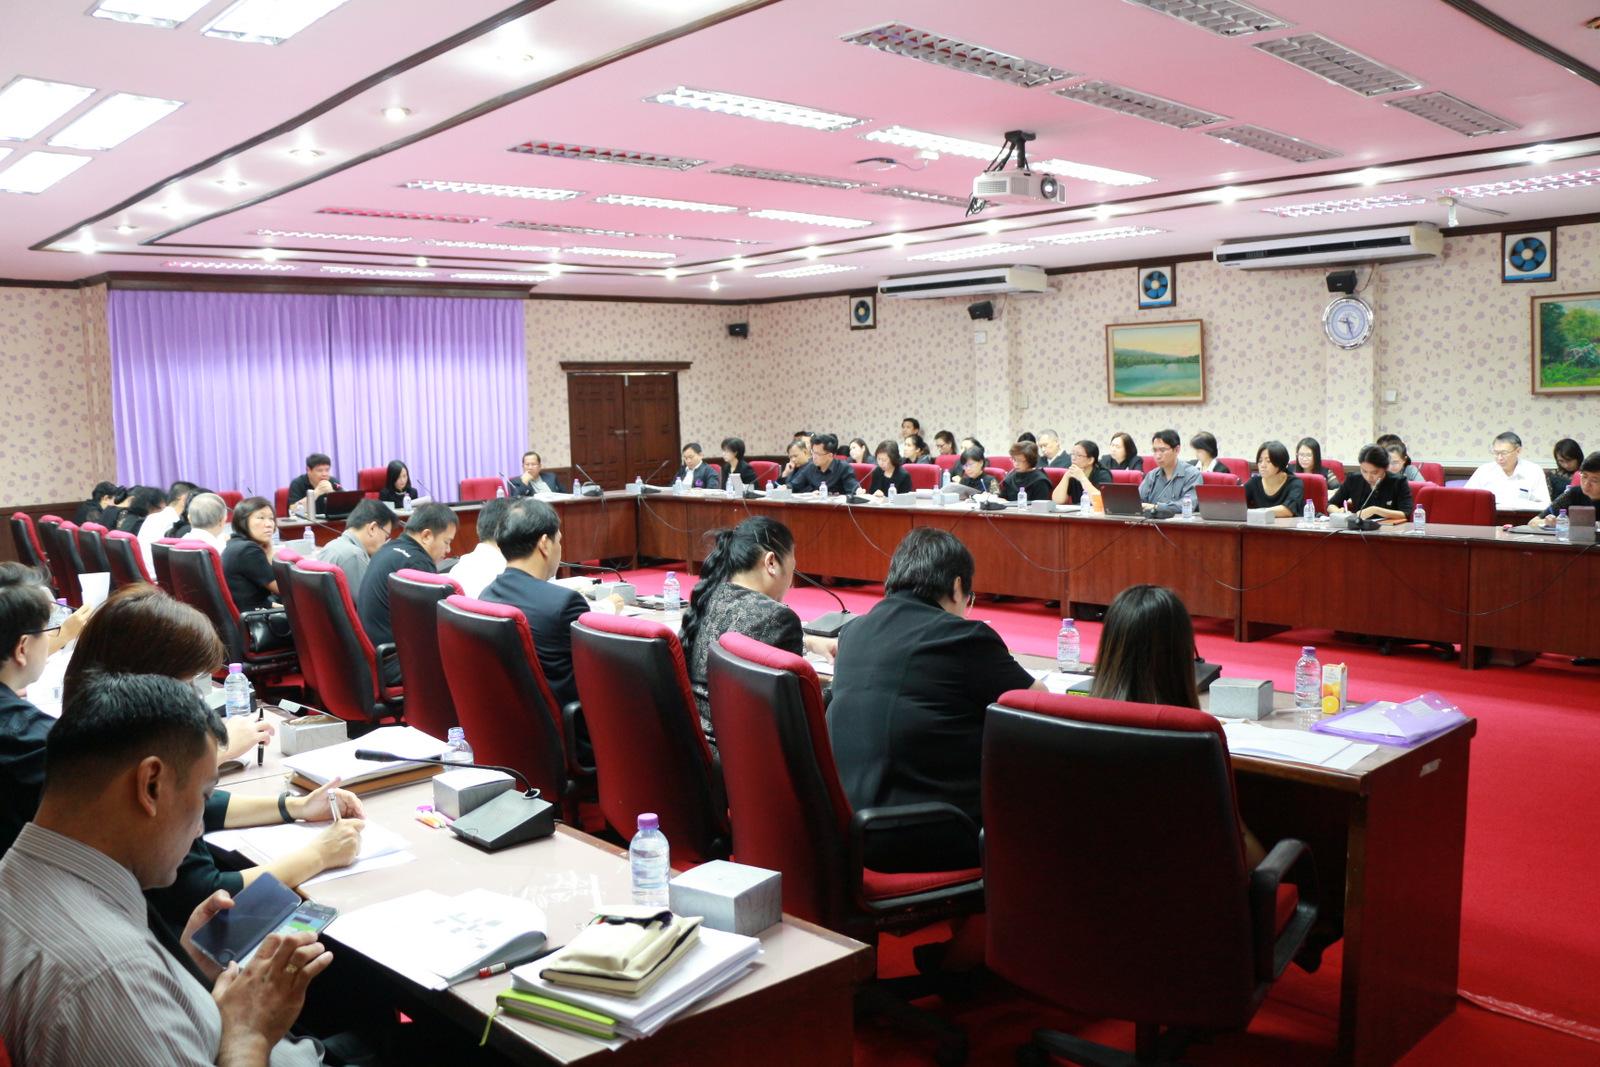 สัมมนาเตรียมการรับเข้าศึกษาระดับปริญญาตรี ปีการศึกษา 2561